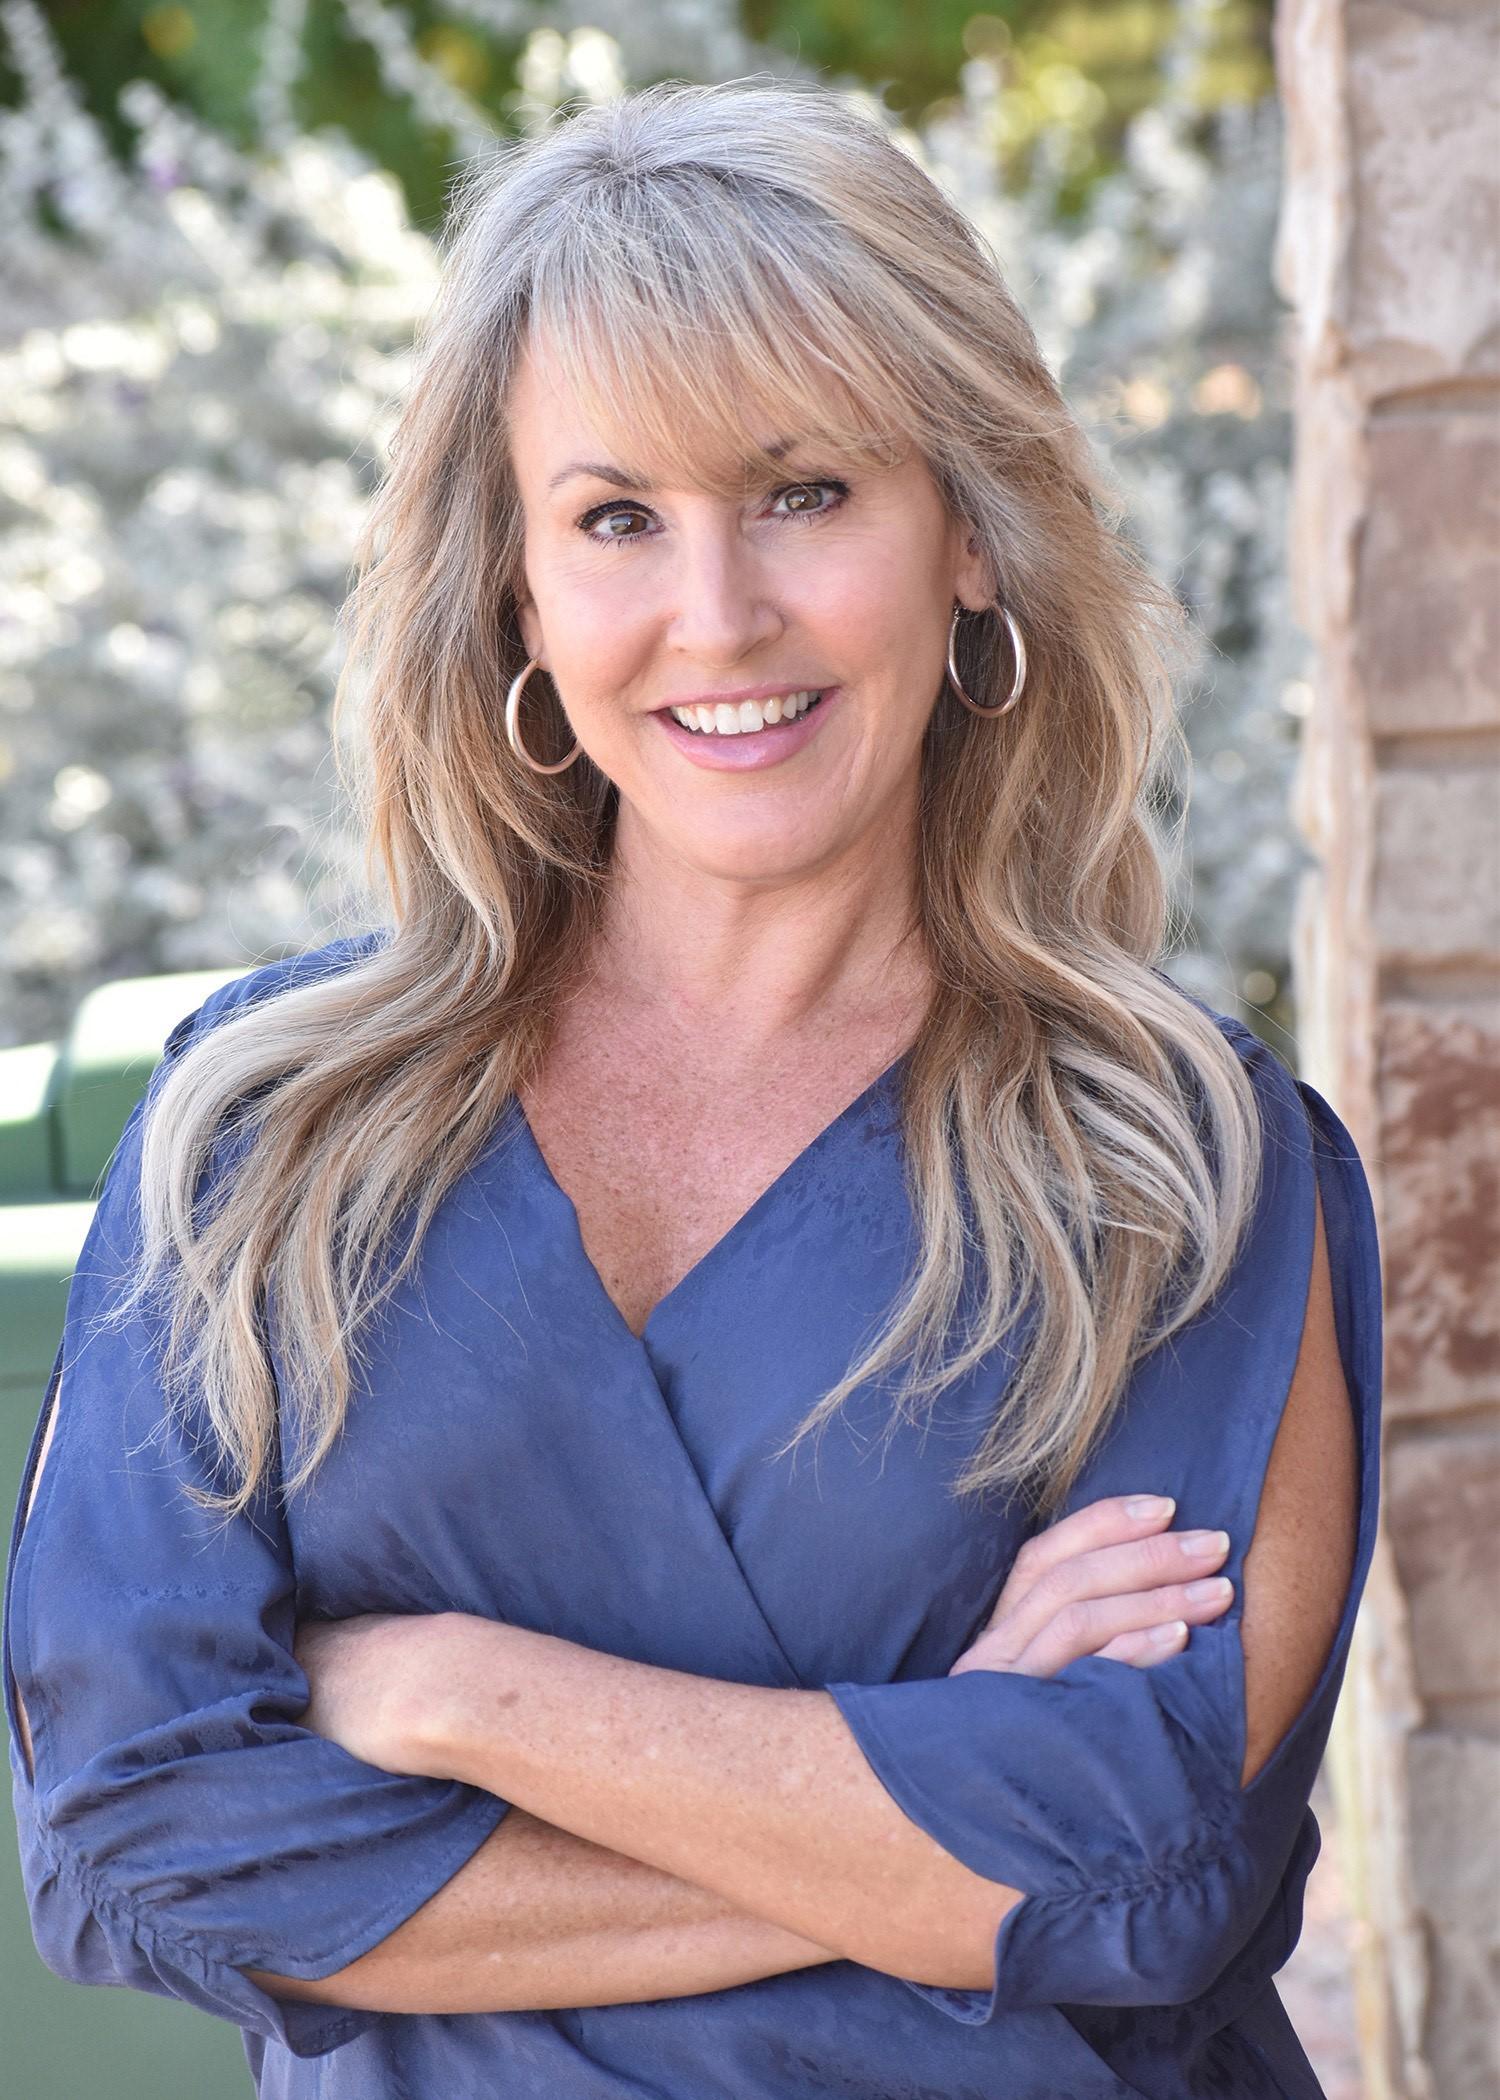 Allison undefined Davis